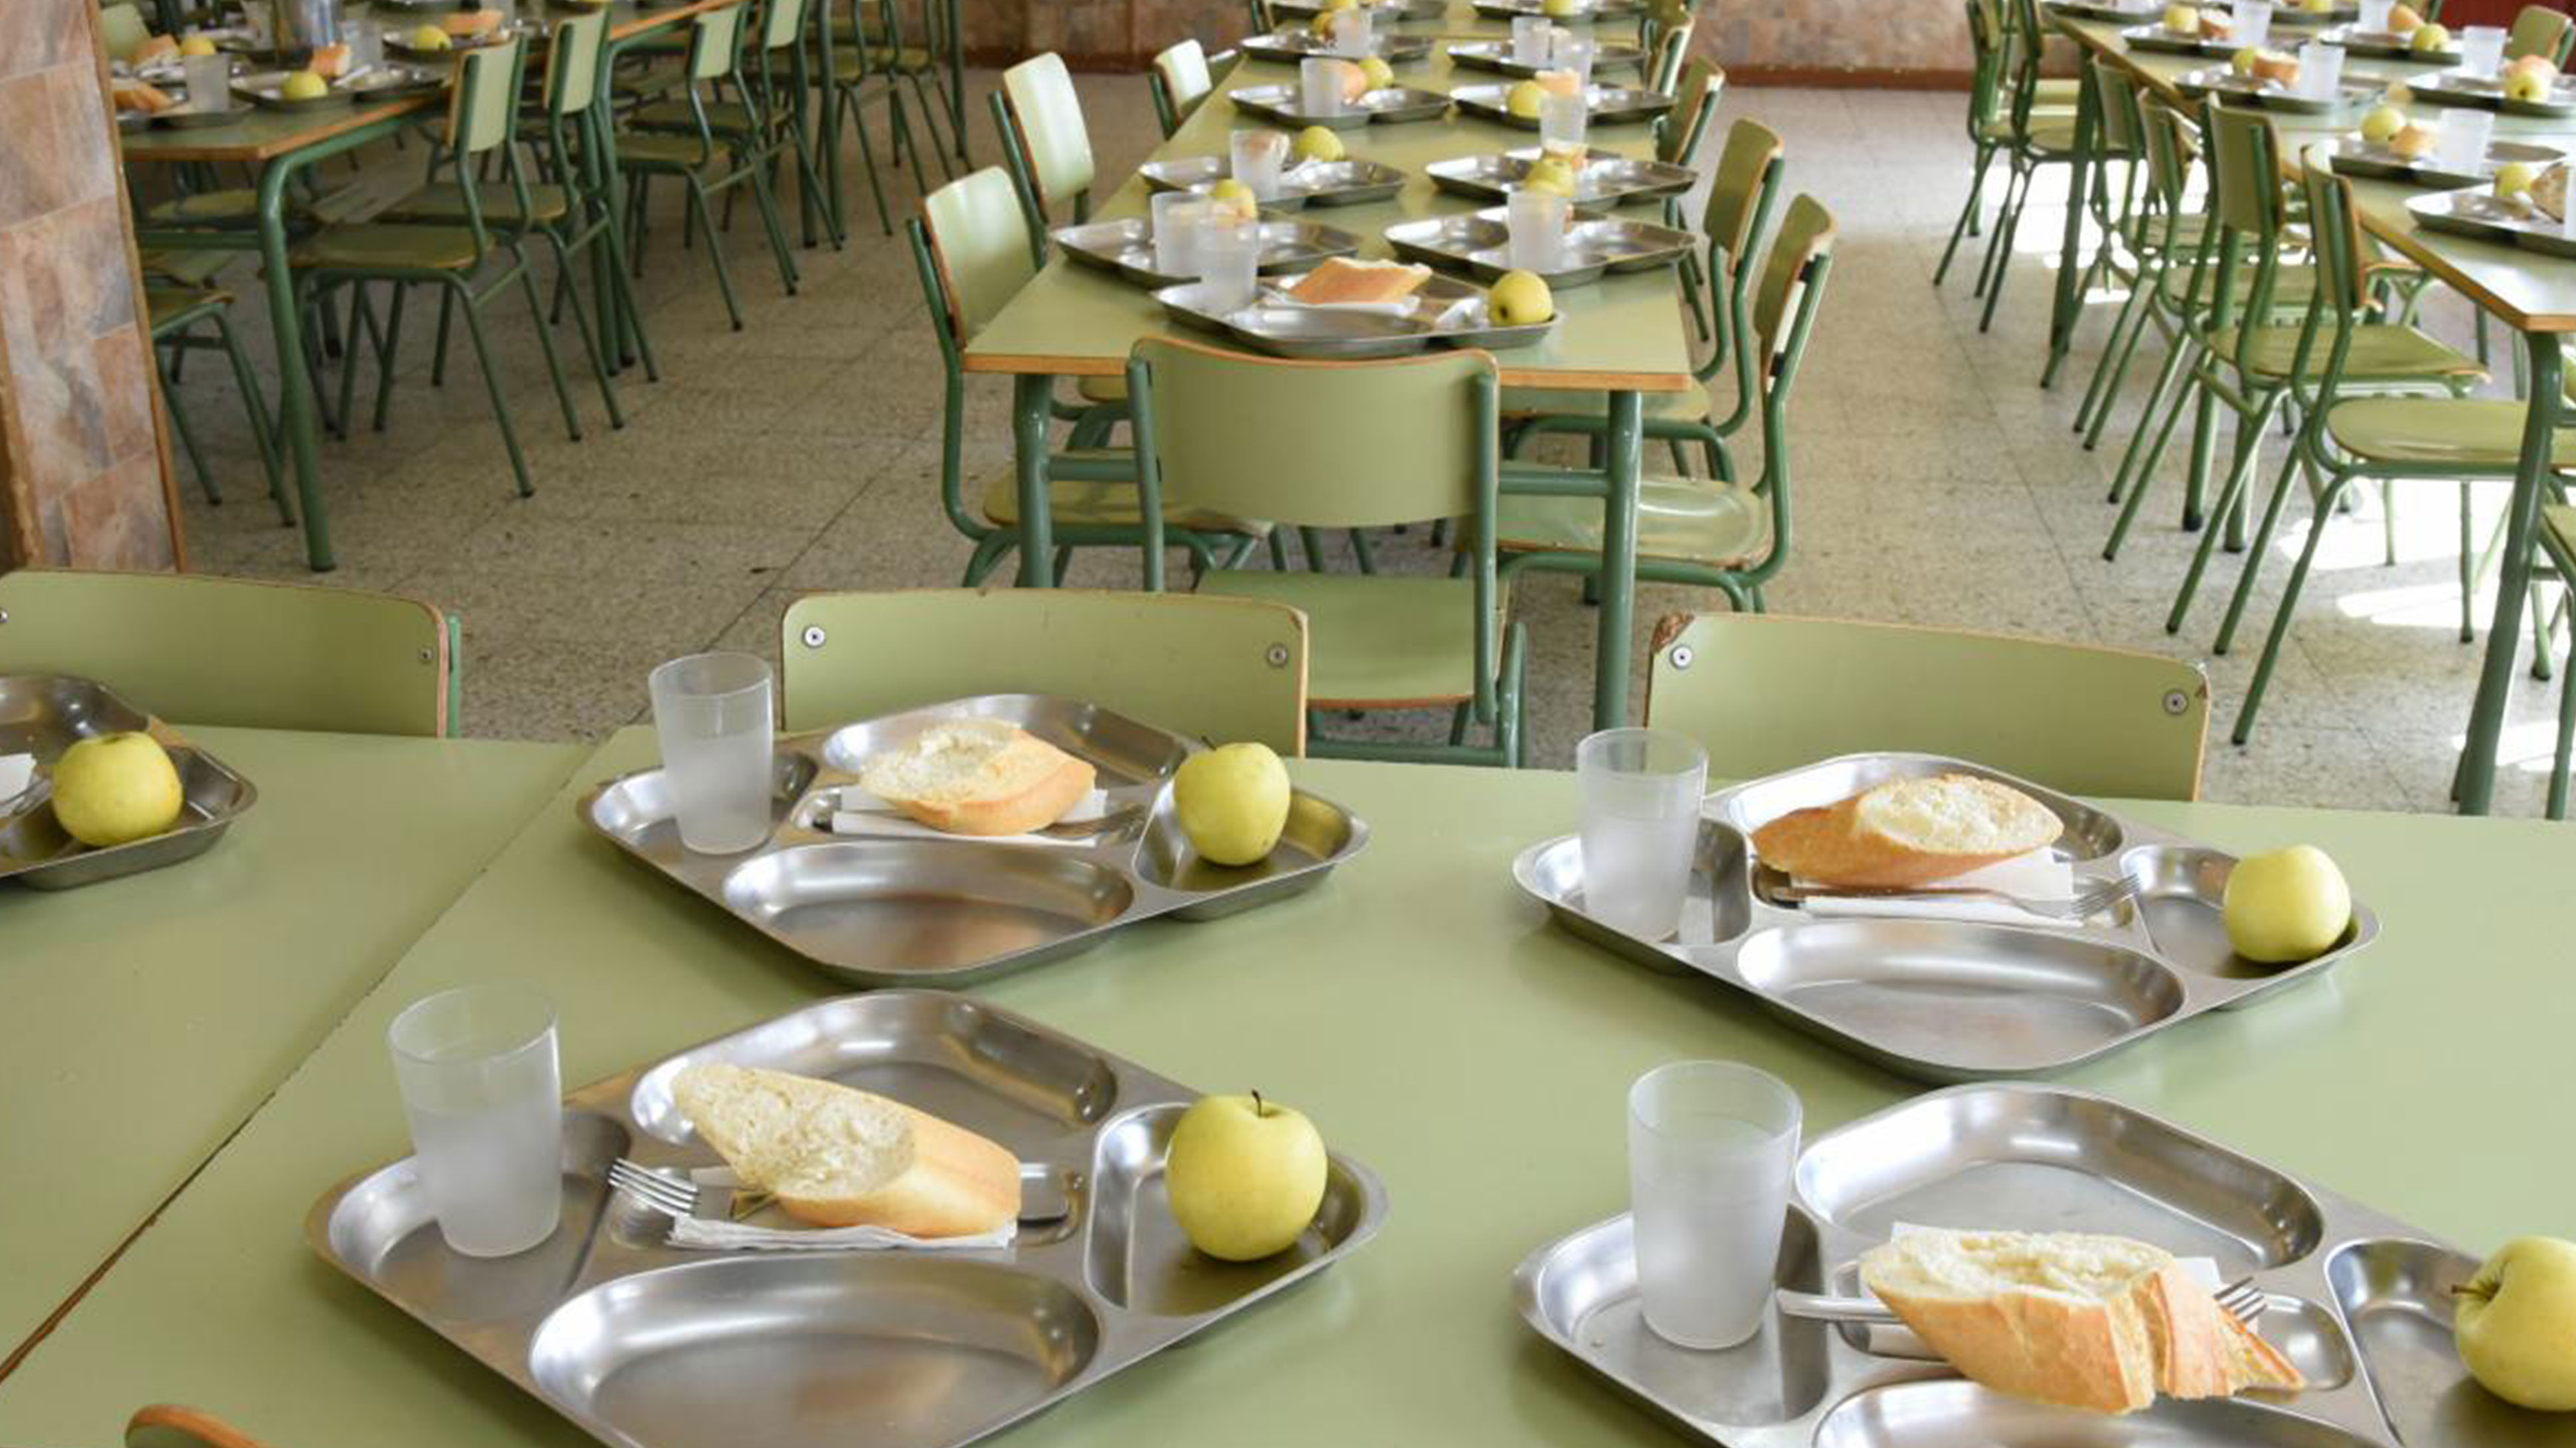 El Gobierno regional seguirá ampliando el número de comedores escolares el próximo curso con la apertura de 16 nuevos